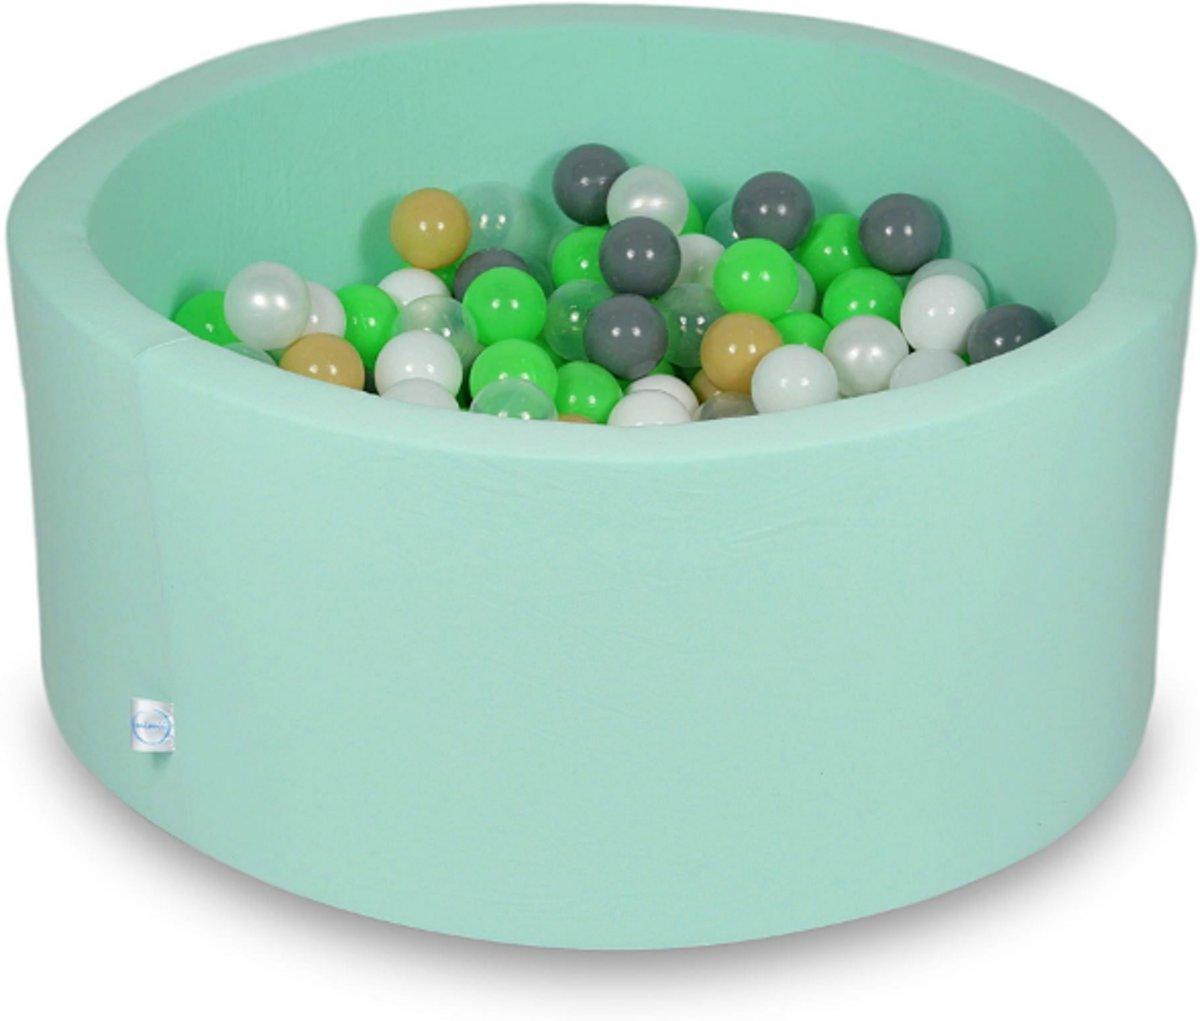 Ballenbak - 300 ballen - 90 x 40 cm - ballenbad - rond mint groen